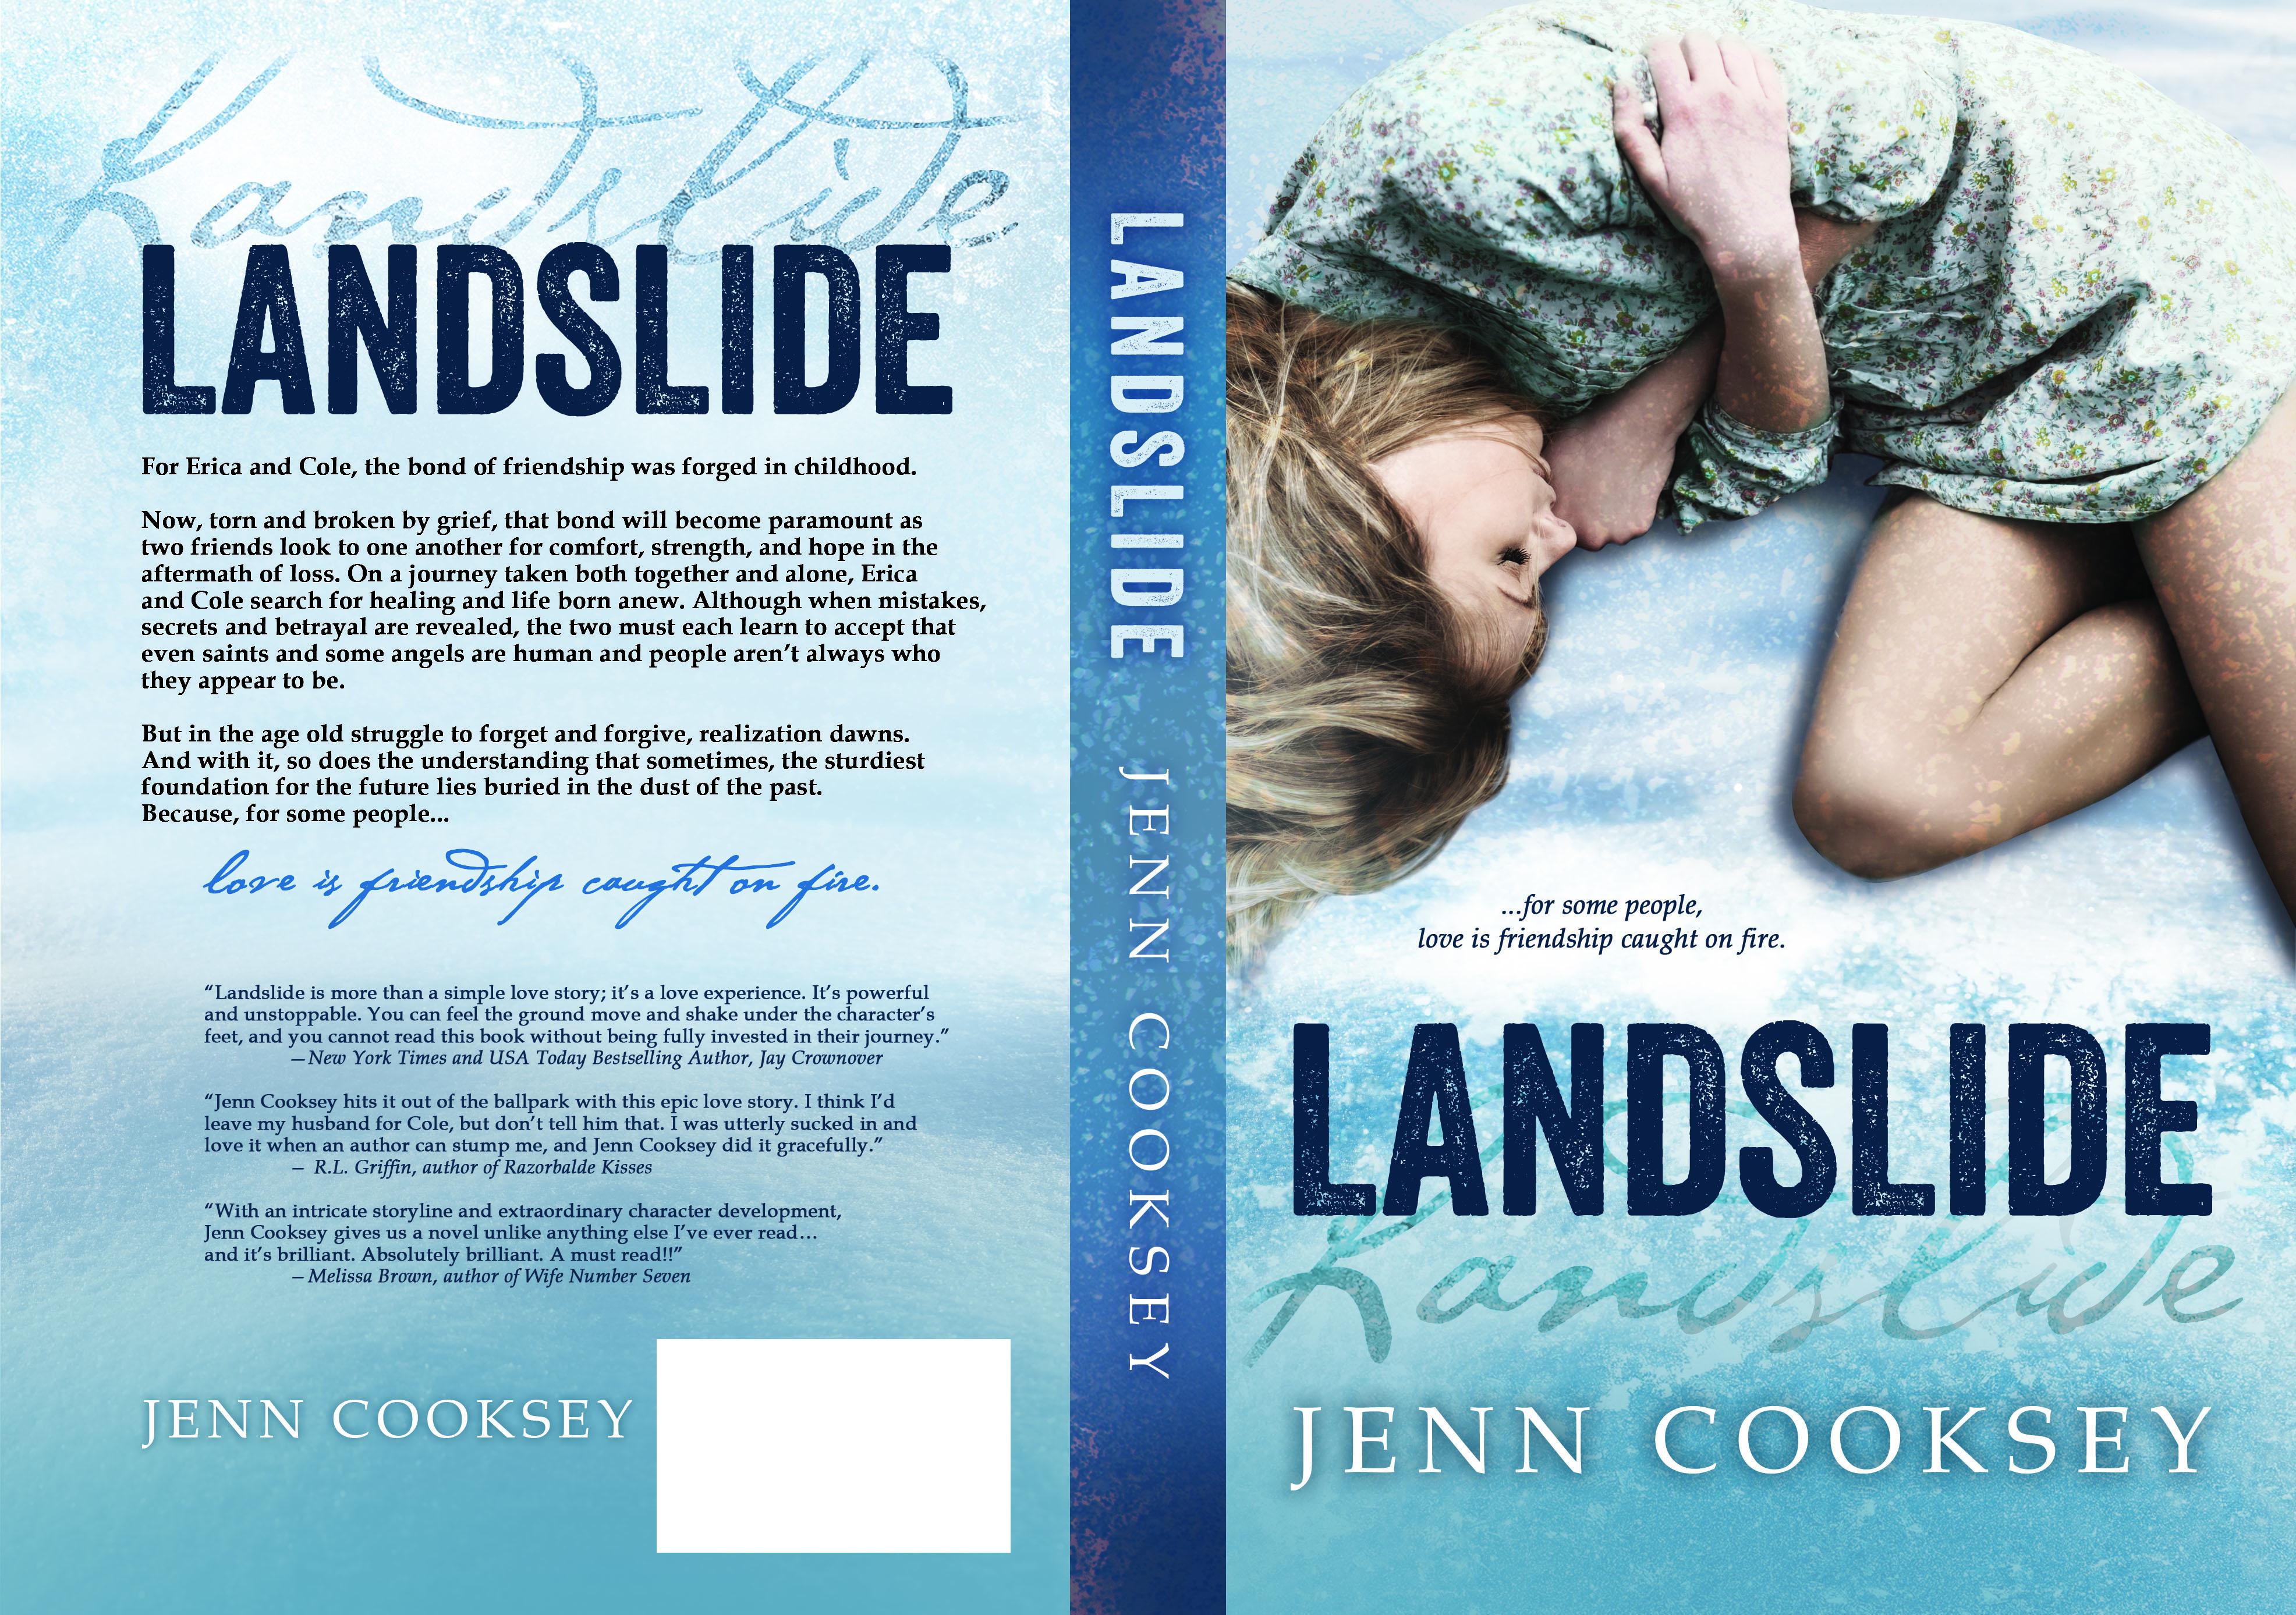 Landslide-FINAL-full-print.jpg